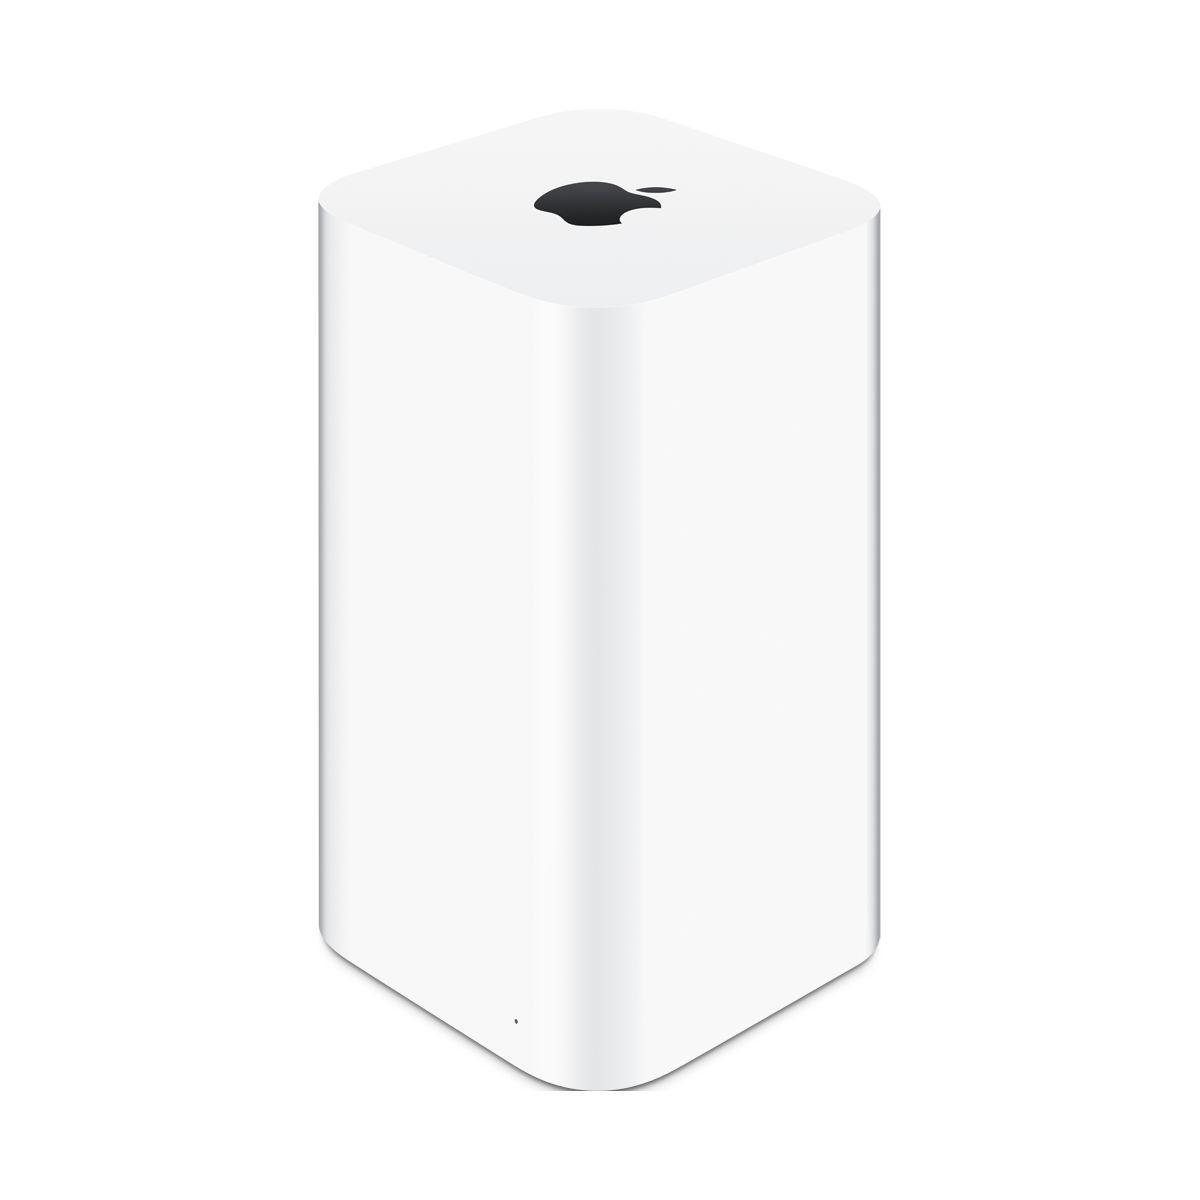 Routeur wifi apple airport extreme 802.11ac - livraison offerte : code liv